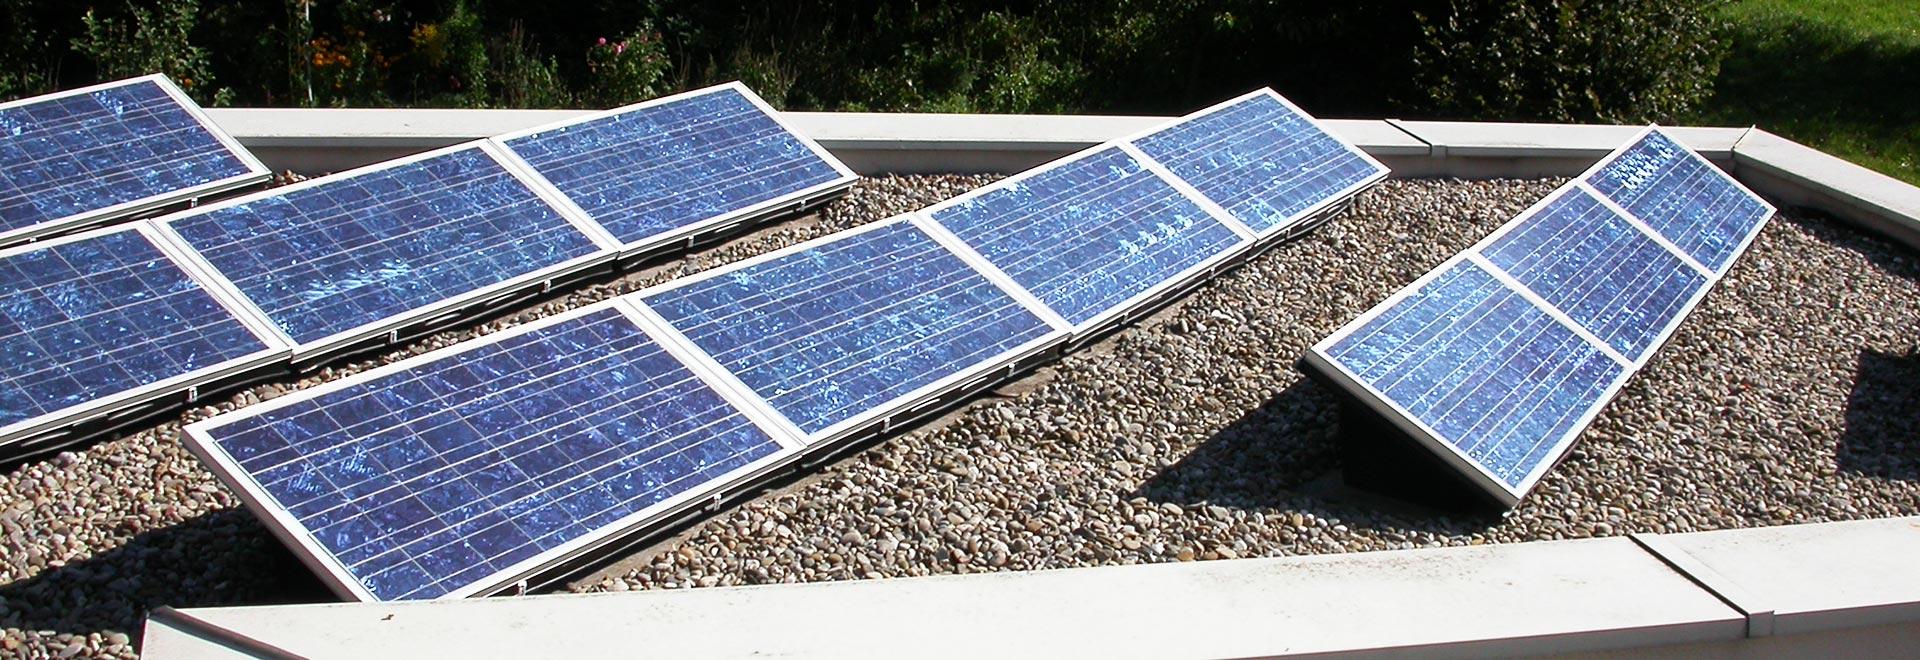 Walter Vögele GmbH in Freiburg: Flachdachnutzung für Solarenergie